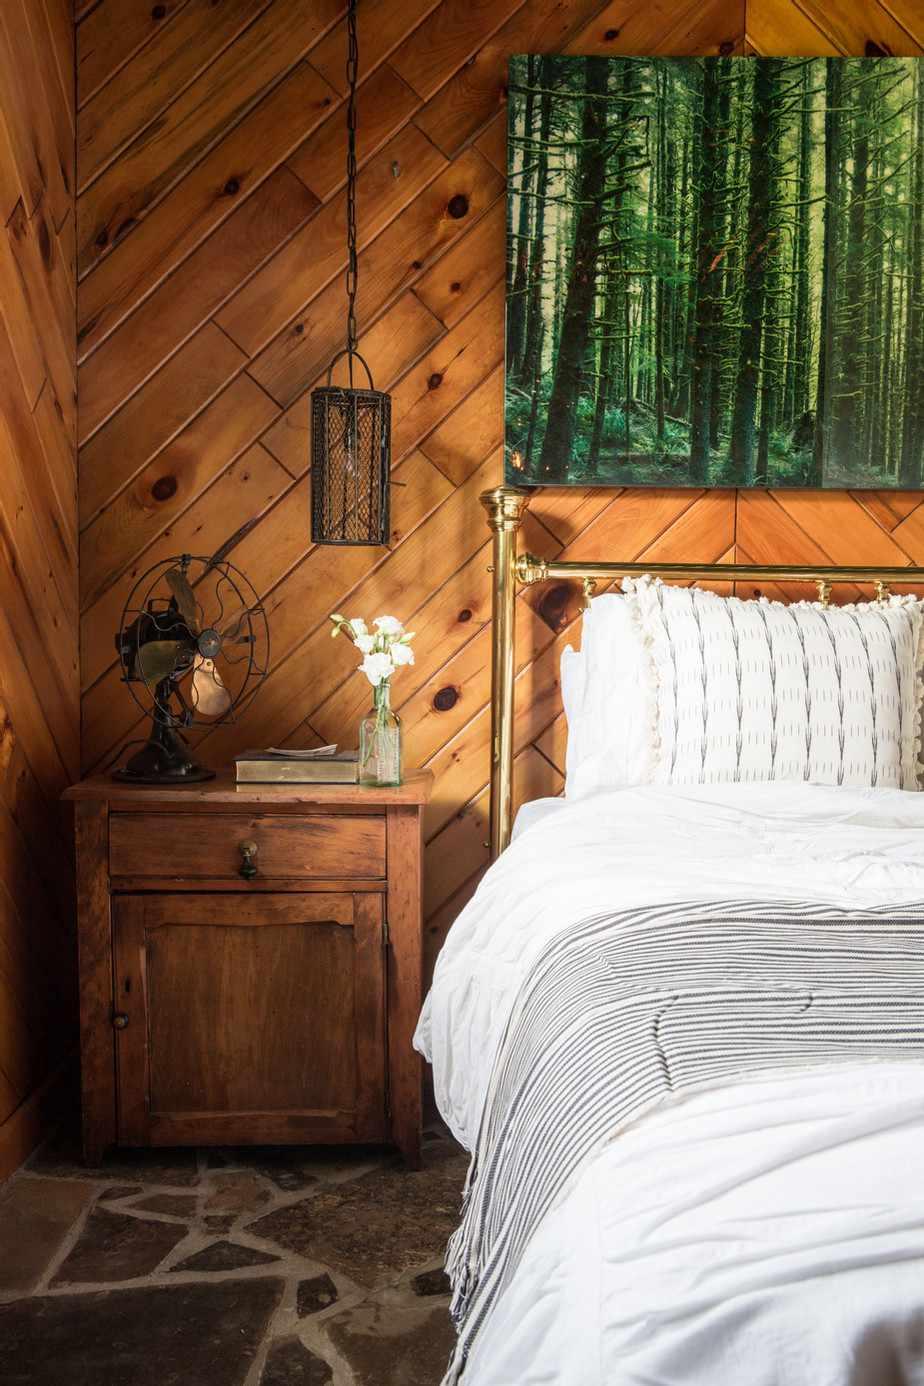 All wooden rustic bedroom